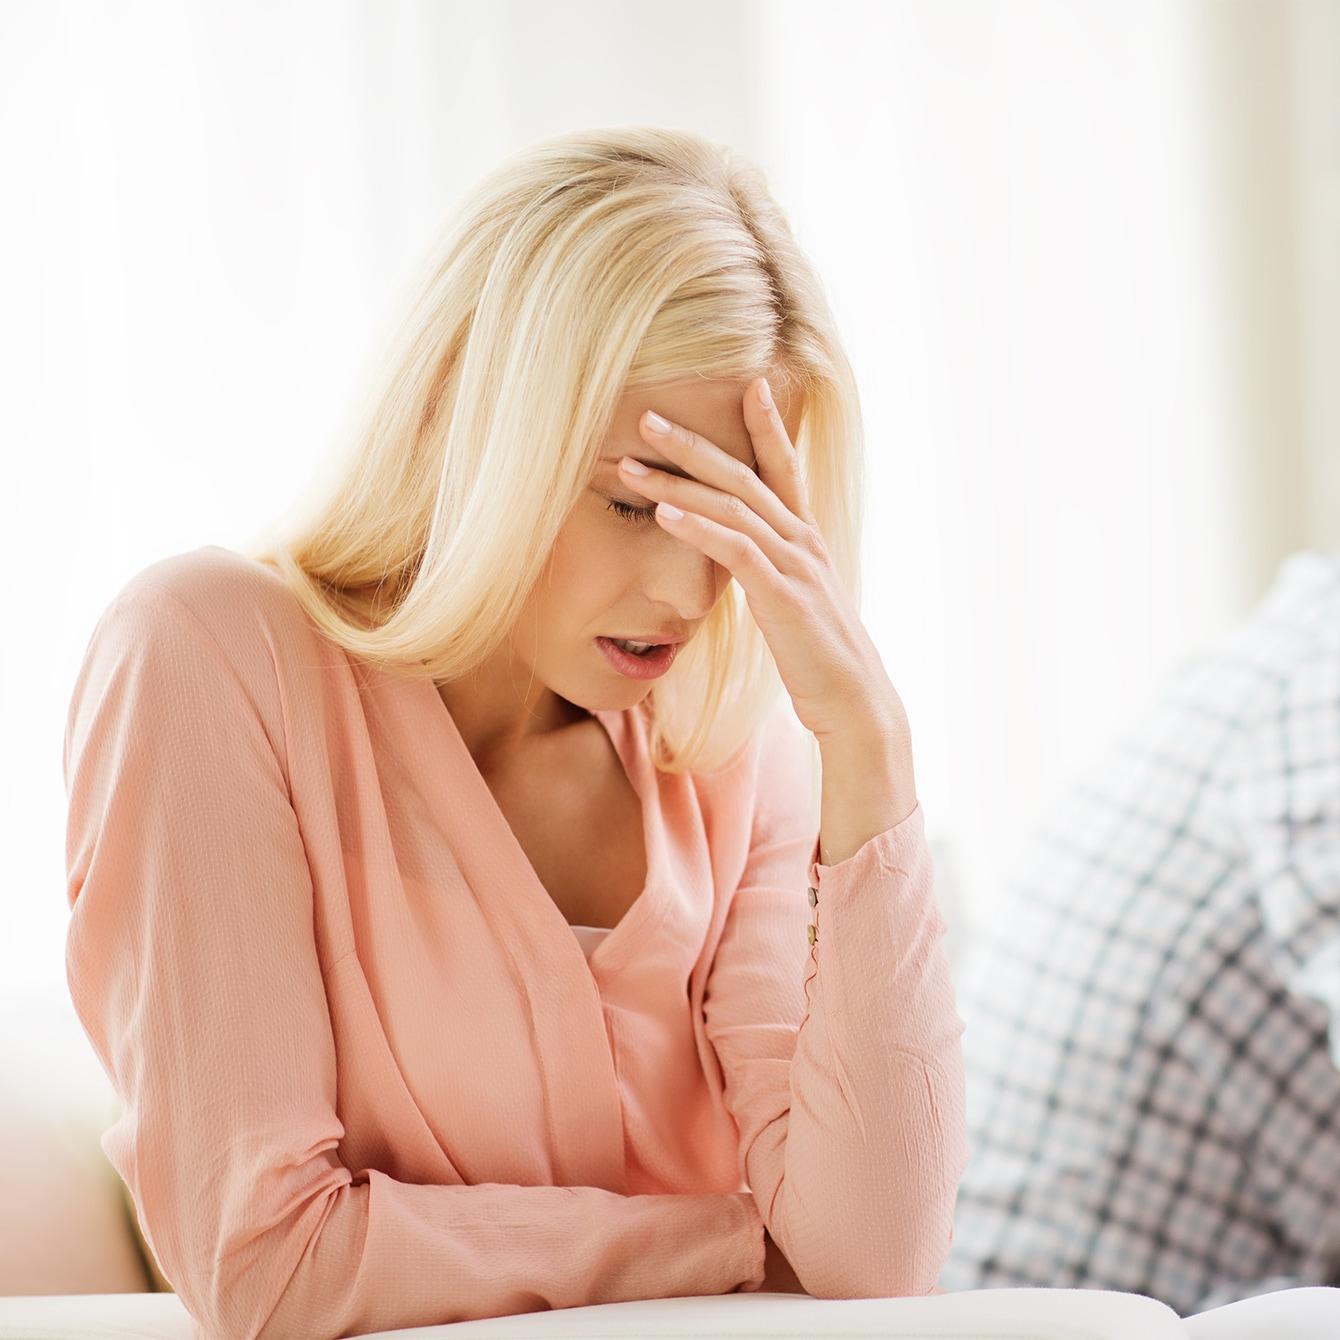 姑との不仲、子の問題行動…家庭がうまくいかないのは私のせい?